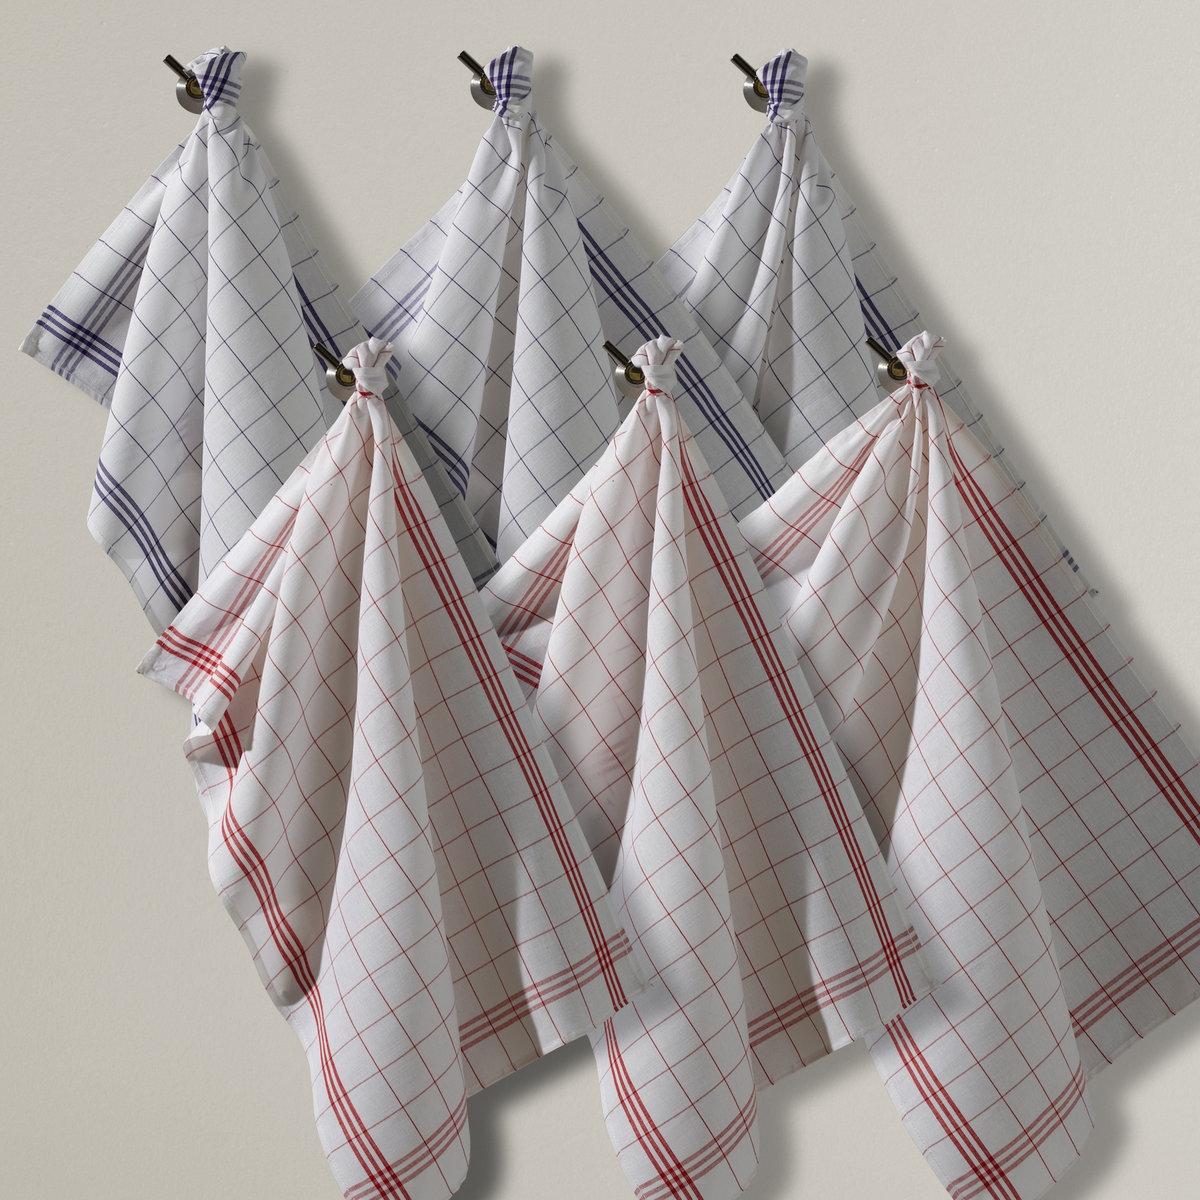 6 полотенец кухонных Колас6 кухонных полотенец Колас из смесовой ткани, 50% льна, 50% хлопка. 3 красных и 3 синий полотенца. Прочный материал, не теряющий формы, превосходно впитывает влагу и легко гладится. Стирка при 60°. Размер: 55 х 80 см.<br><br>Цвет: синий + красный